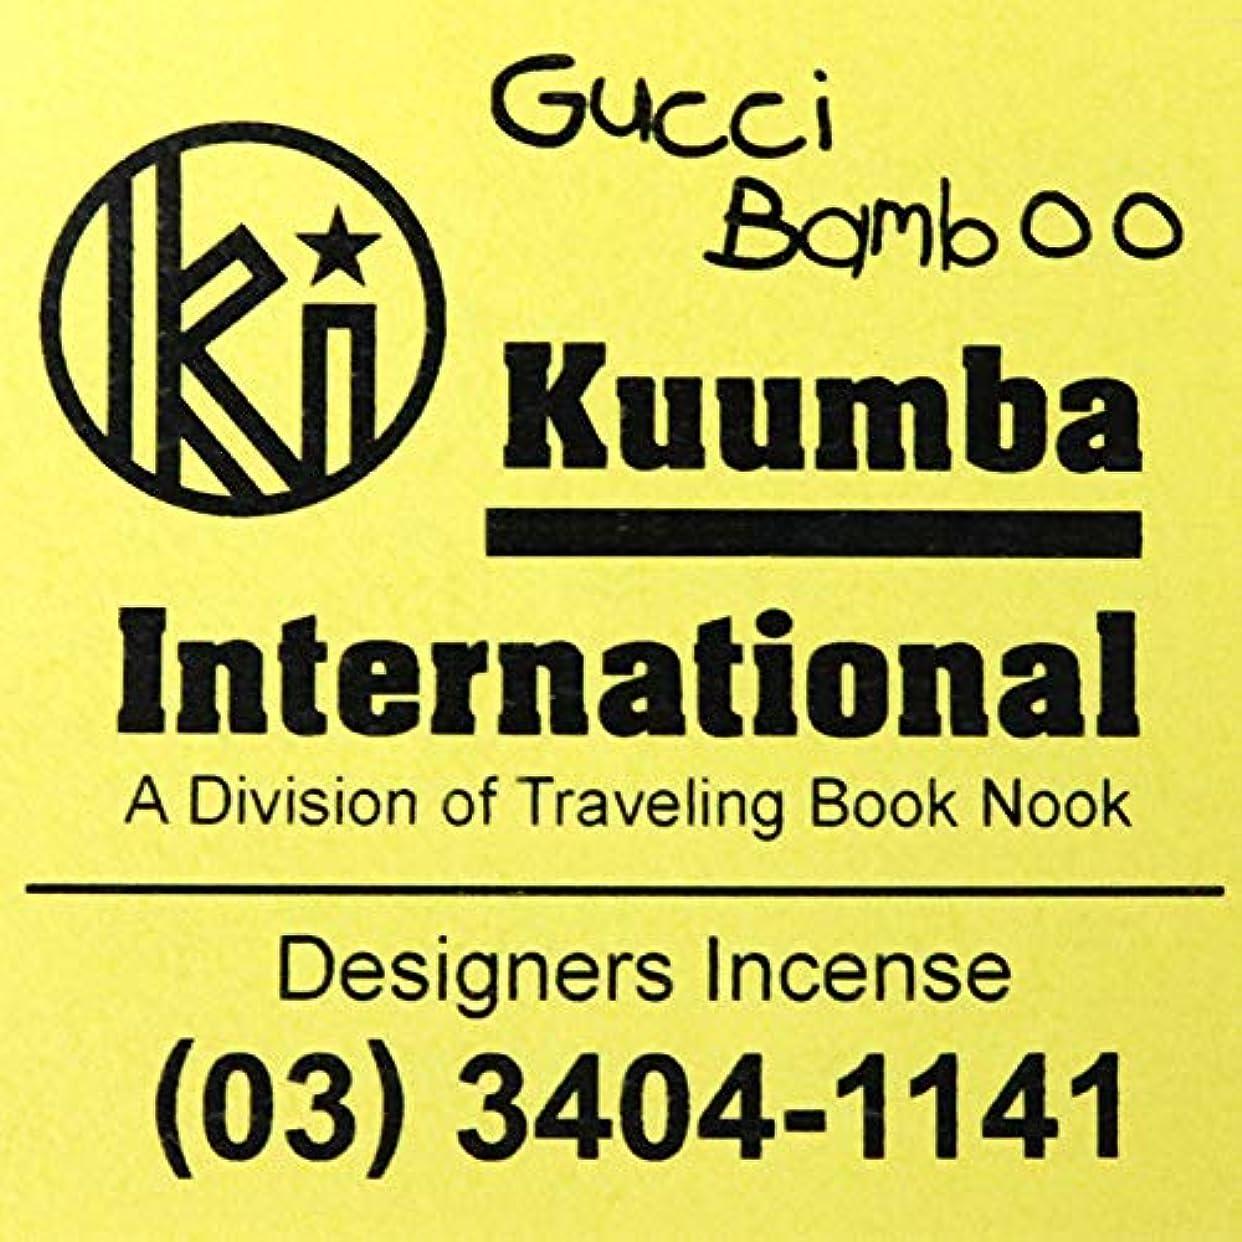 意欲油船上KUUMBA (クンバ)『incense』(GUCCI BAMBOO) (GUCCI BAMBOO, Regular size)